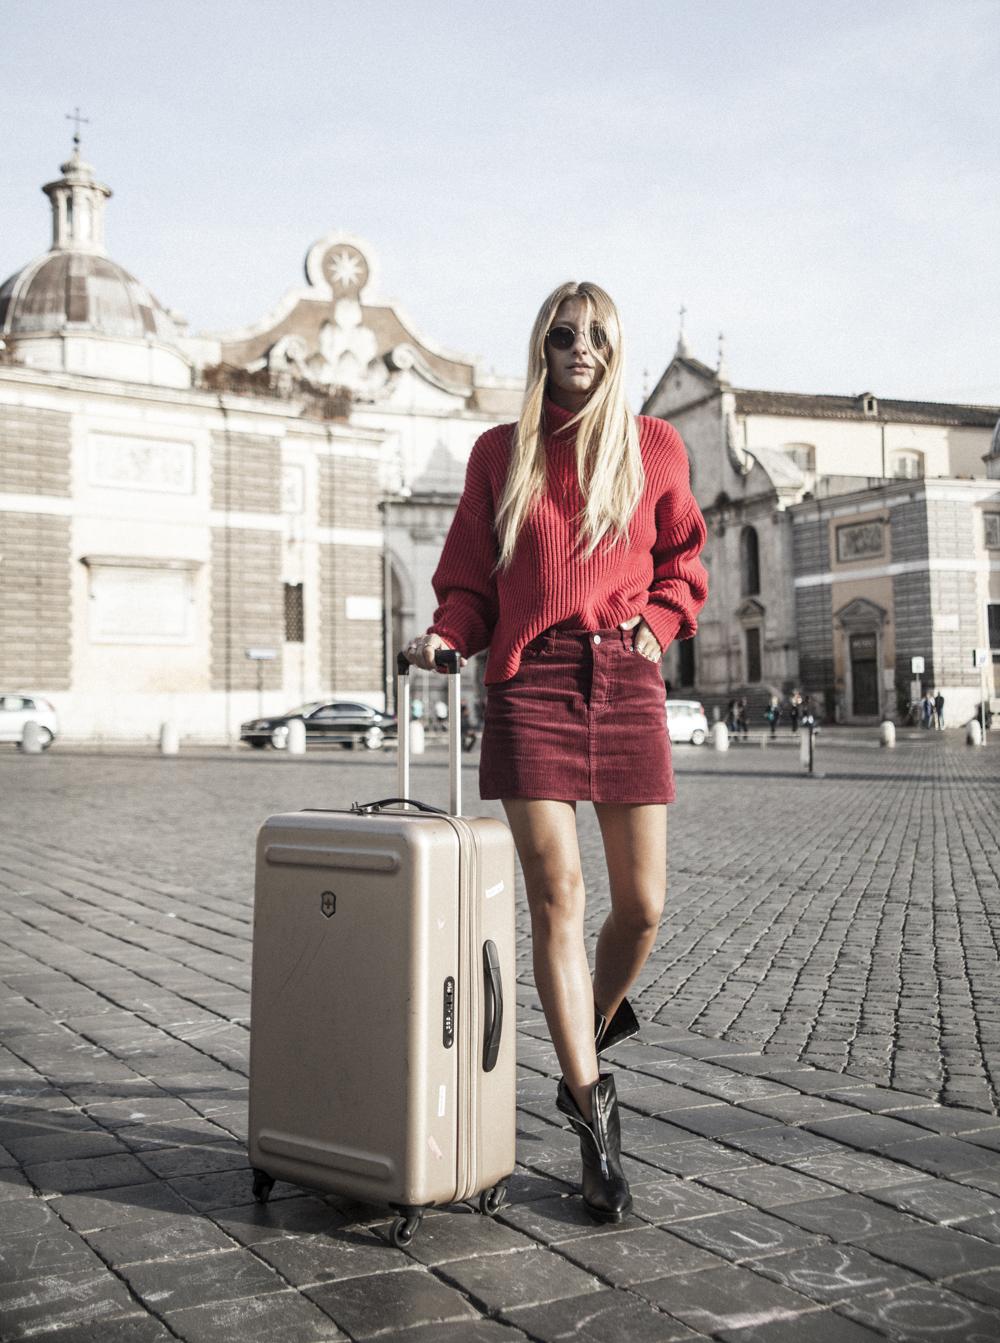 around the world with Victorinox